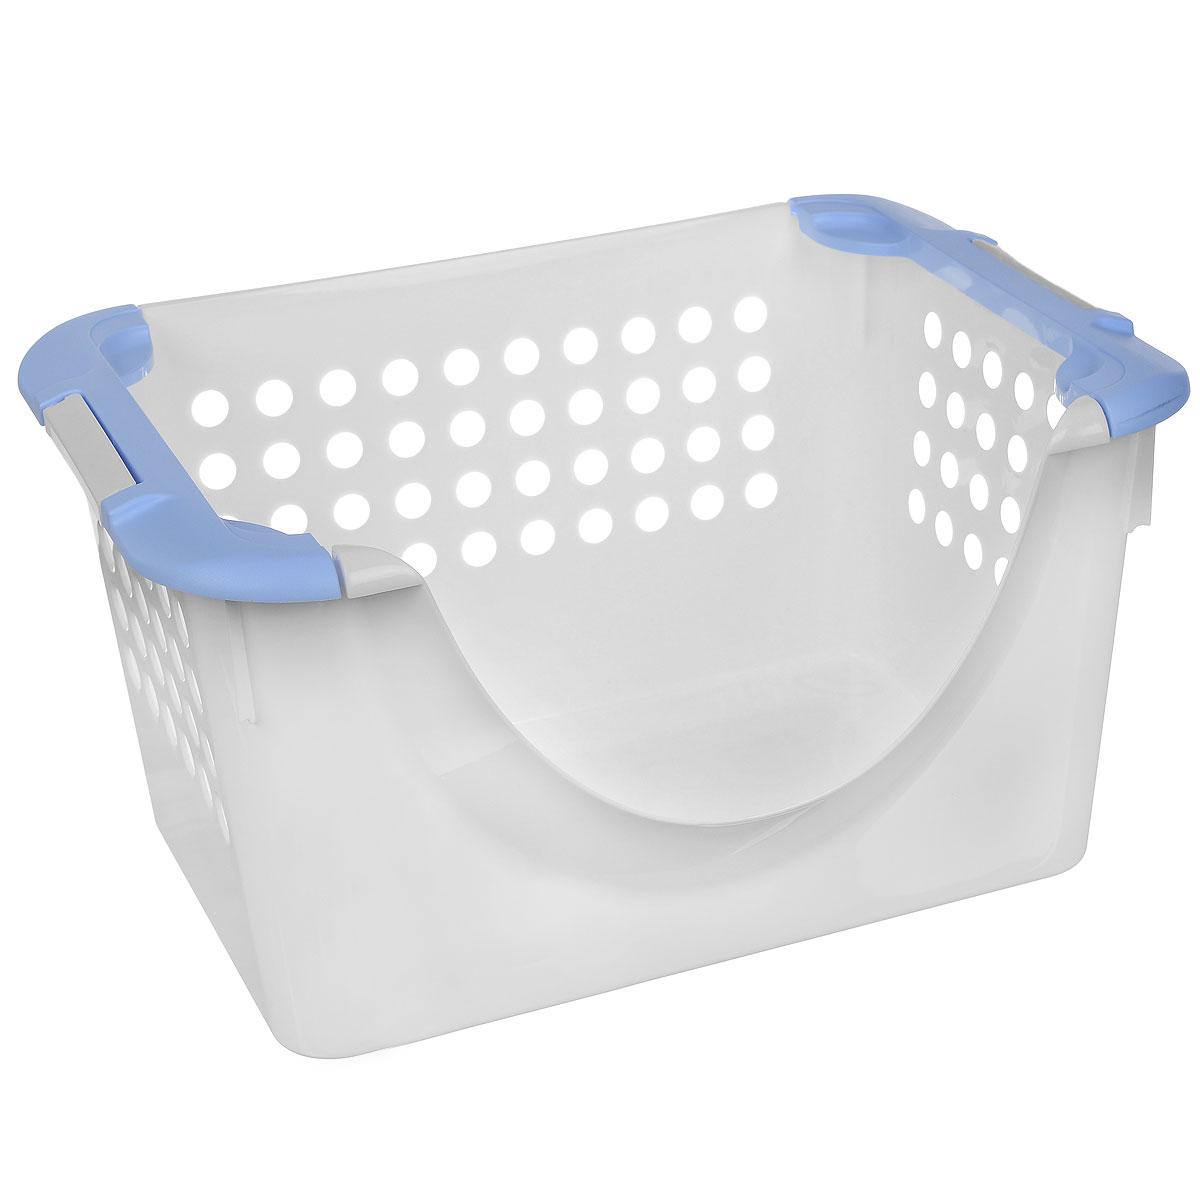 Корзинка универсальная Econova, с ручками, цвет: белый, голубой, 31 х 23 х 42,5 см780869_белый, голубойУниверсальная корзина Econova, выполненная из прочного пластика, предназначена для хранения вещей в ванной, на кухне, даче или гараже. Позволяет хранить вещи, исключая возможность их потери. Корзина оснащена двумя удобными ручками для переноски. Боковые стенки перфорированы.